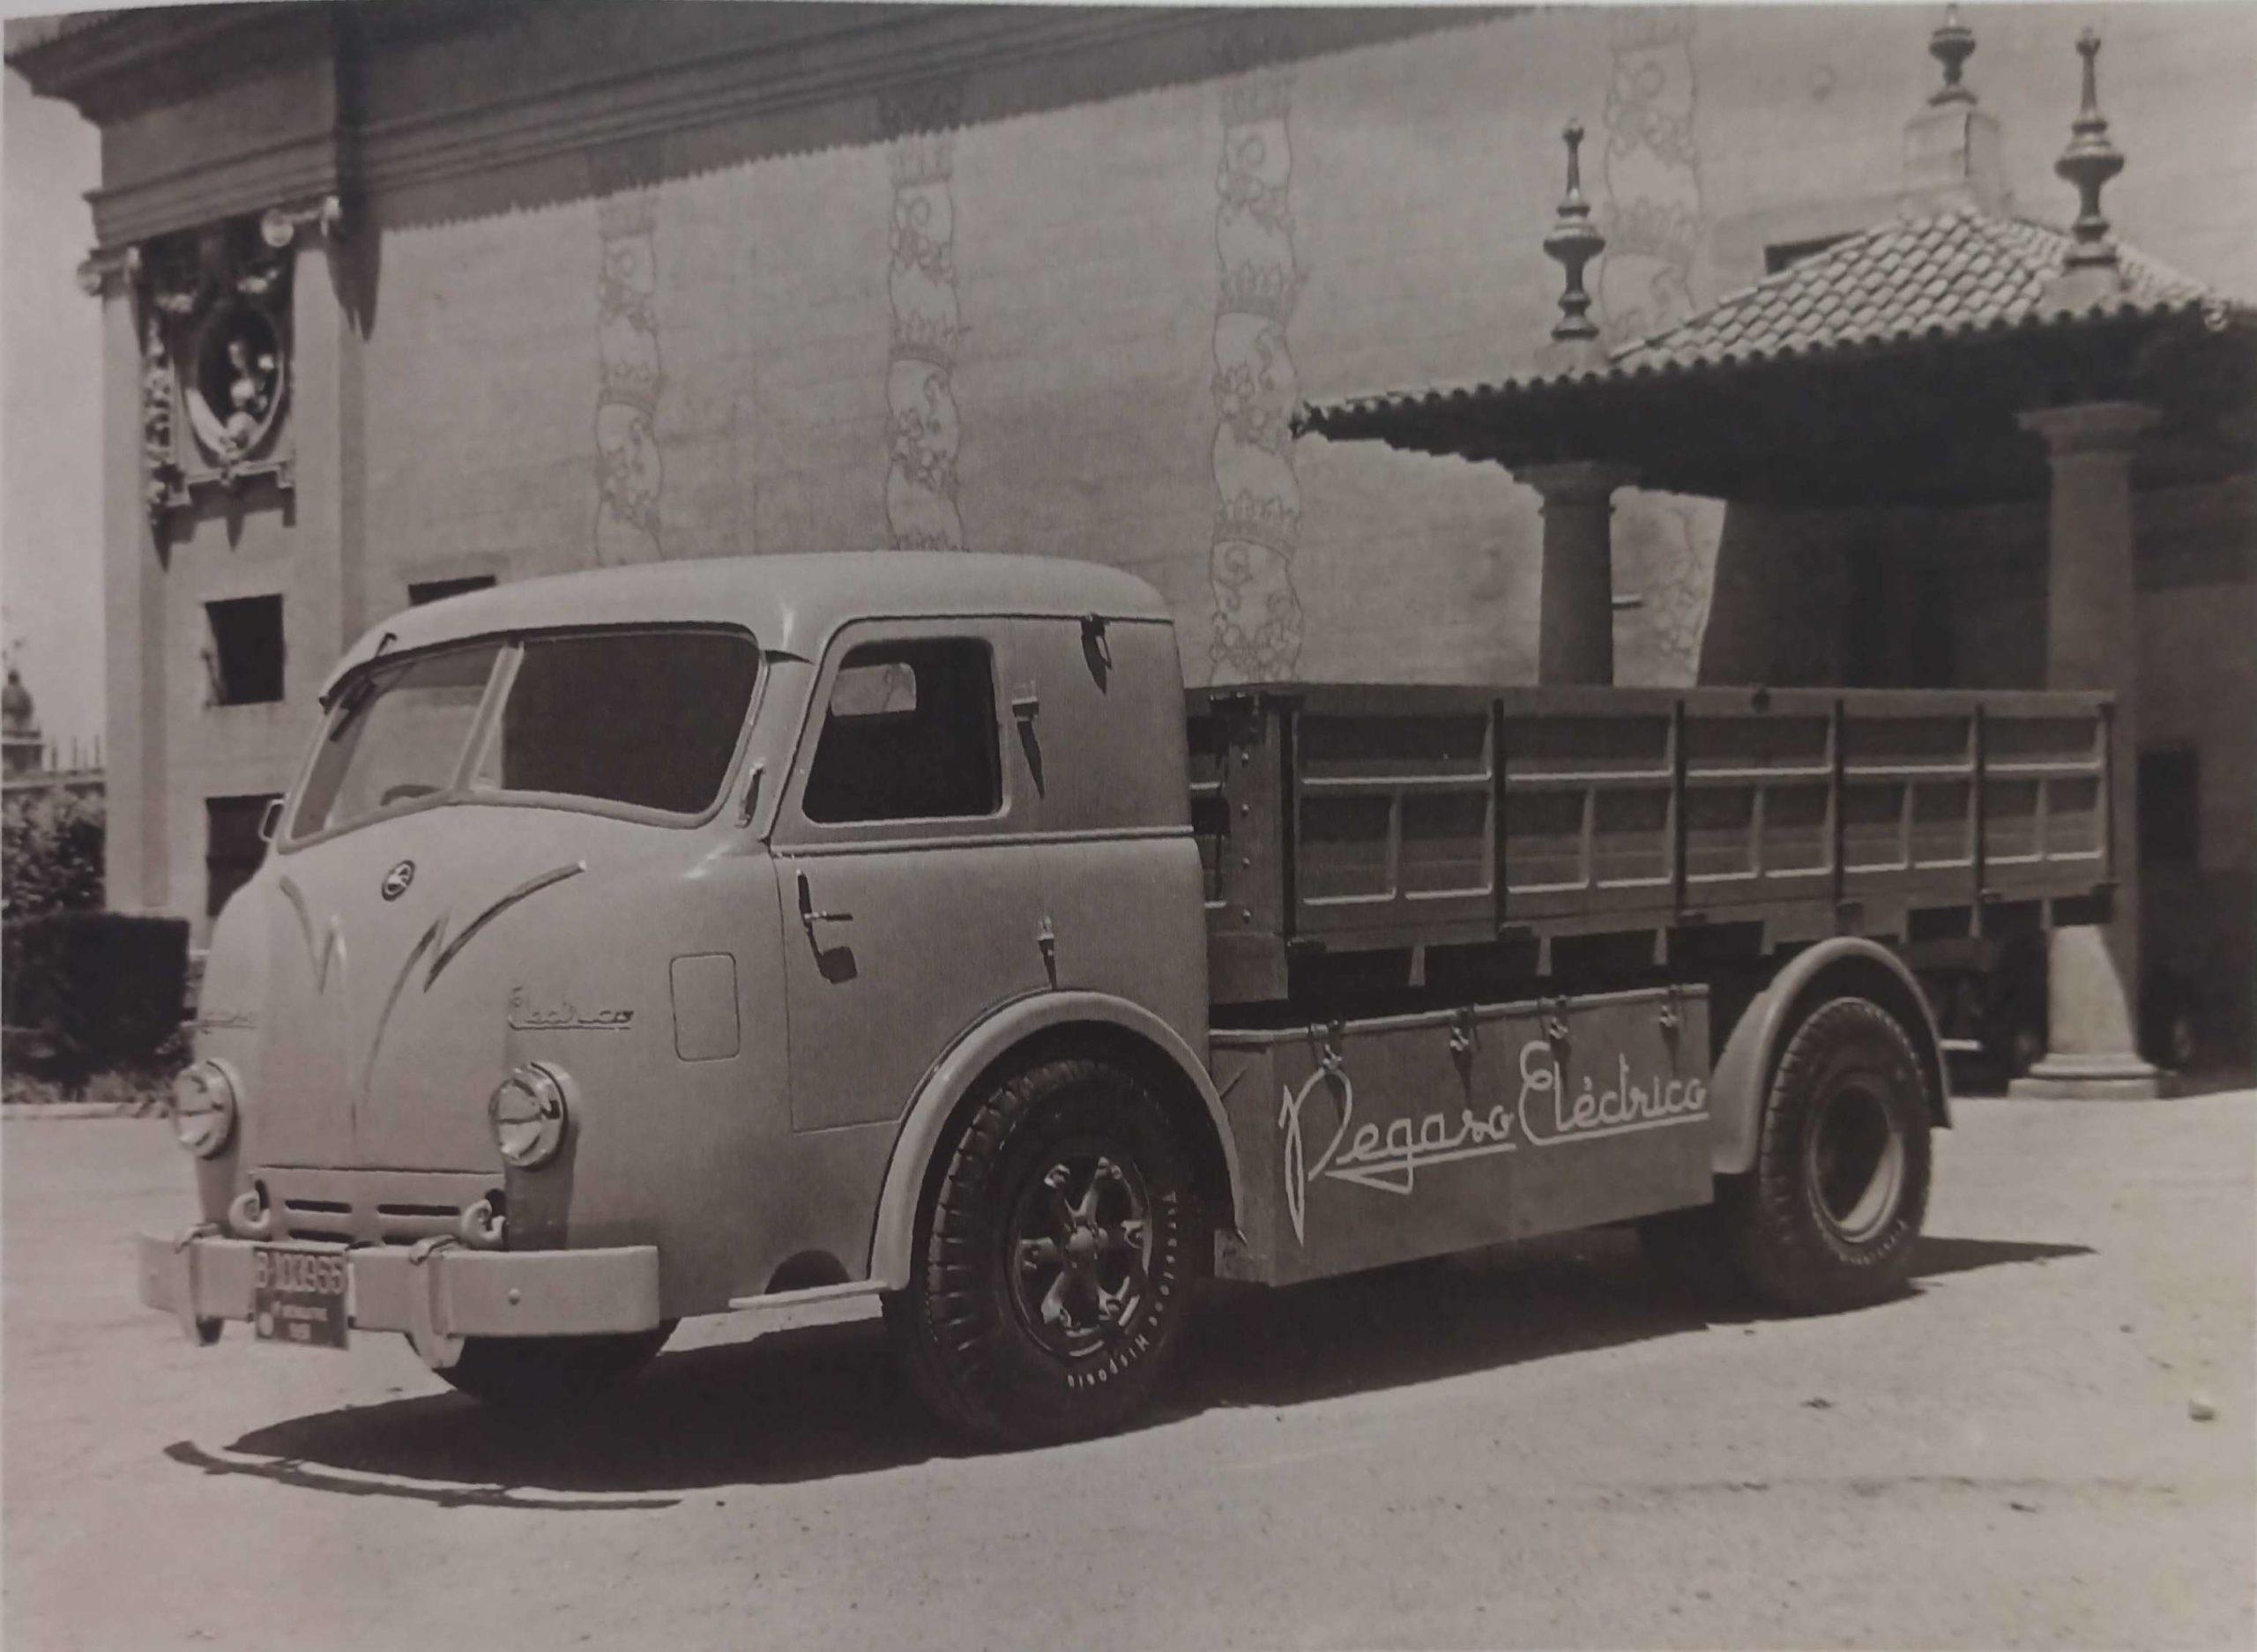 Prototipo Pegaso Eléctrico Z-601 en las instalaciones feriales de Barcelona Montjuïch en 1951.